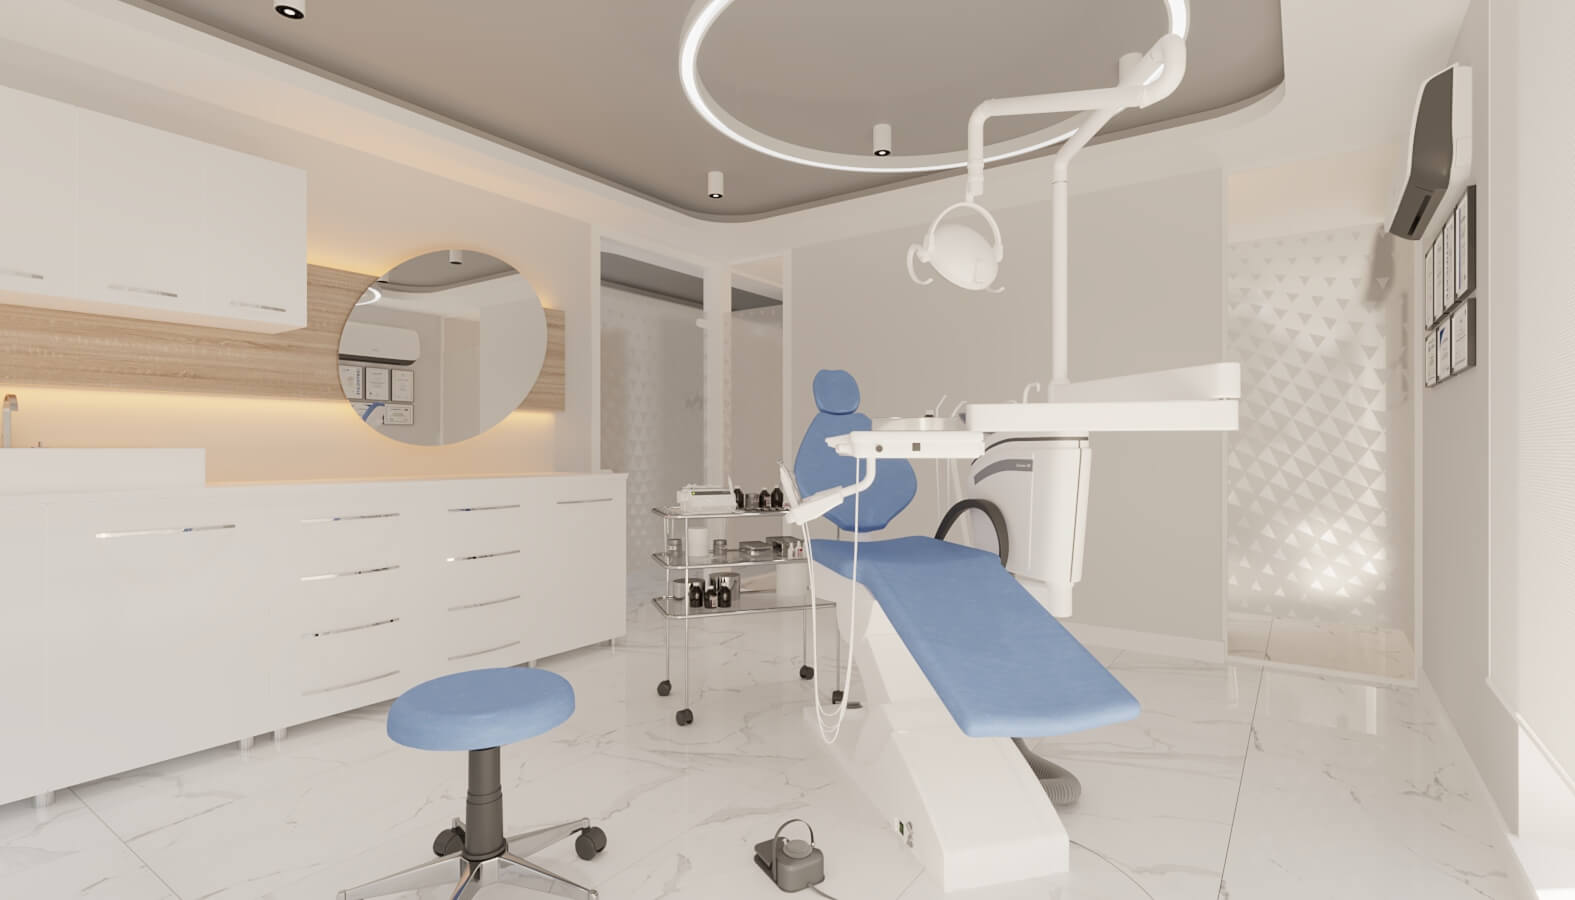 Cerrahi Poliklinik 4558 Ankara Diş Kliniği Tasarımı Sağlık